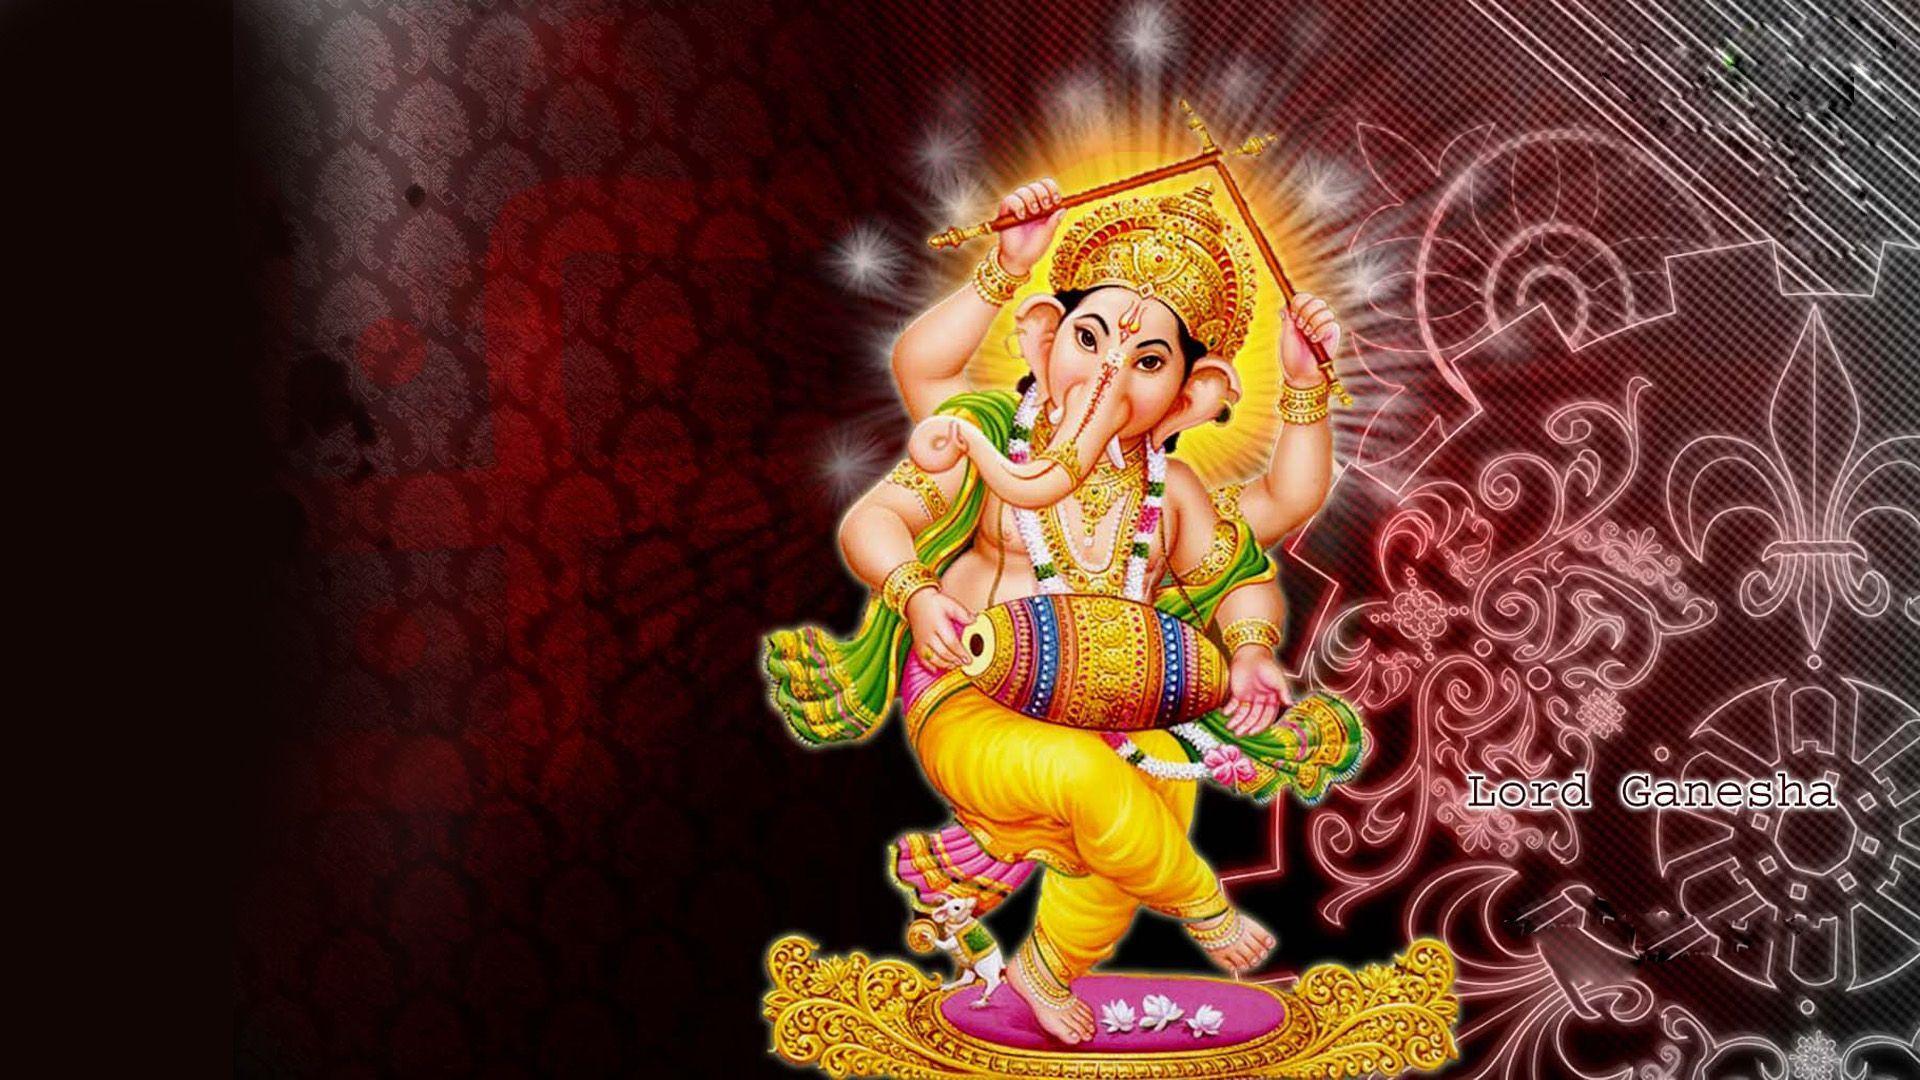 1920x1080 Chúa Ganesh Hình nền HD.  Ganesh hình nền, Ganesh chaturthi